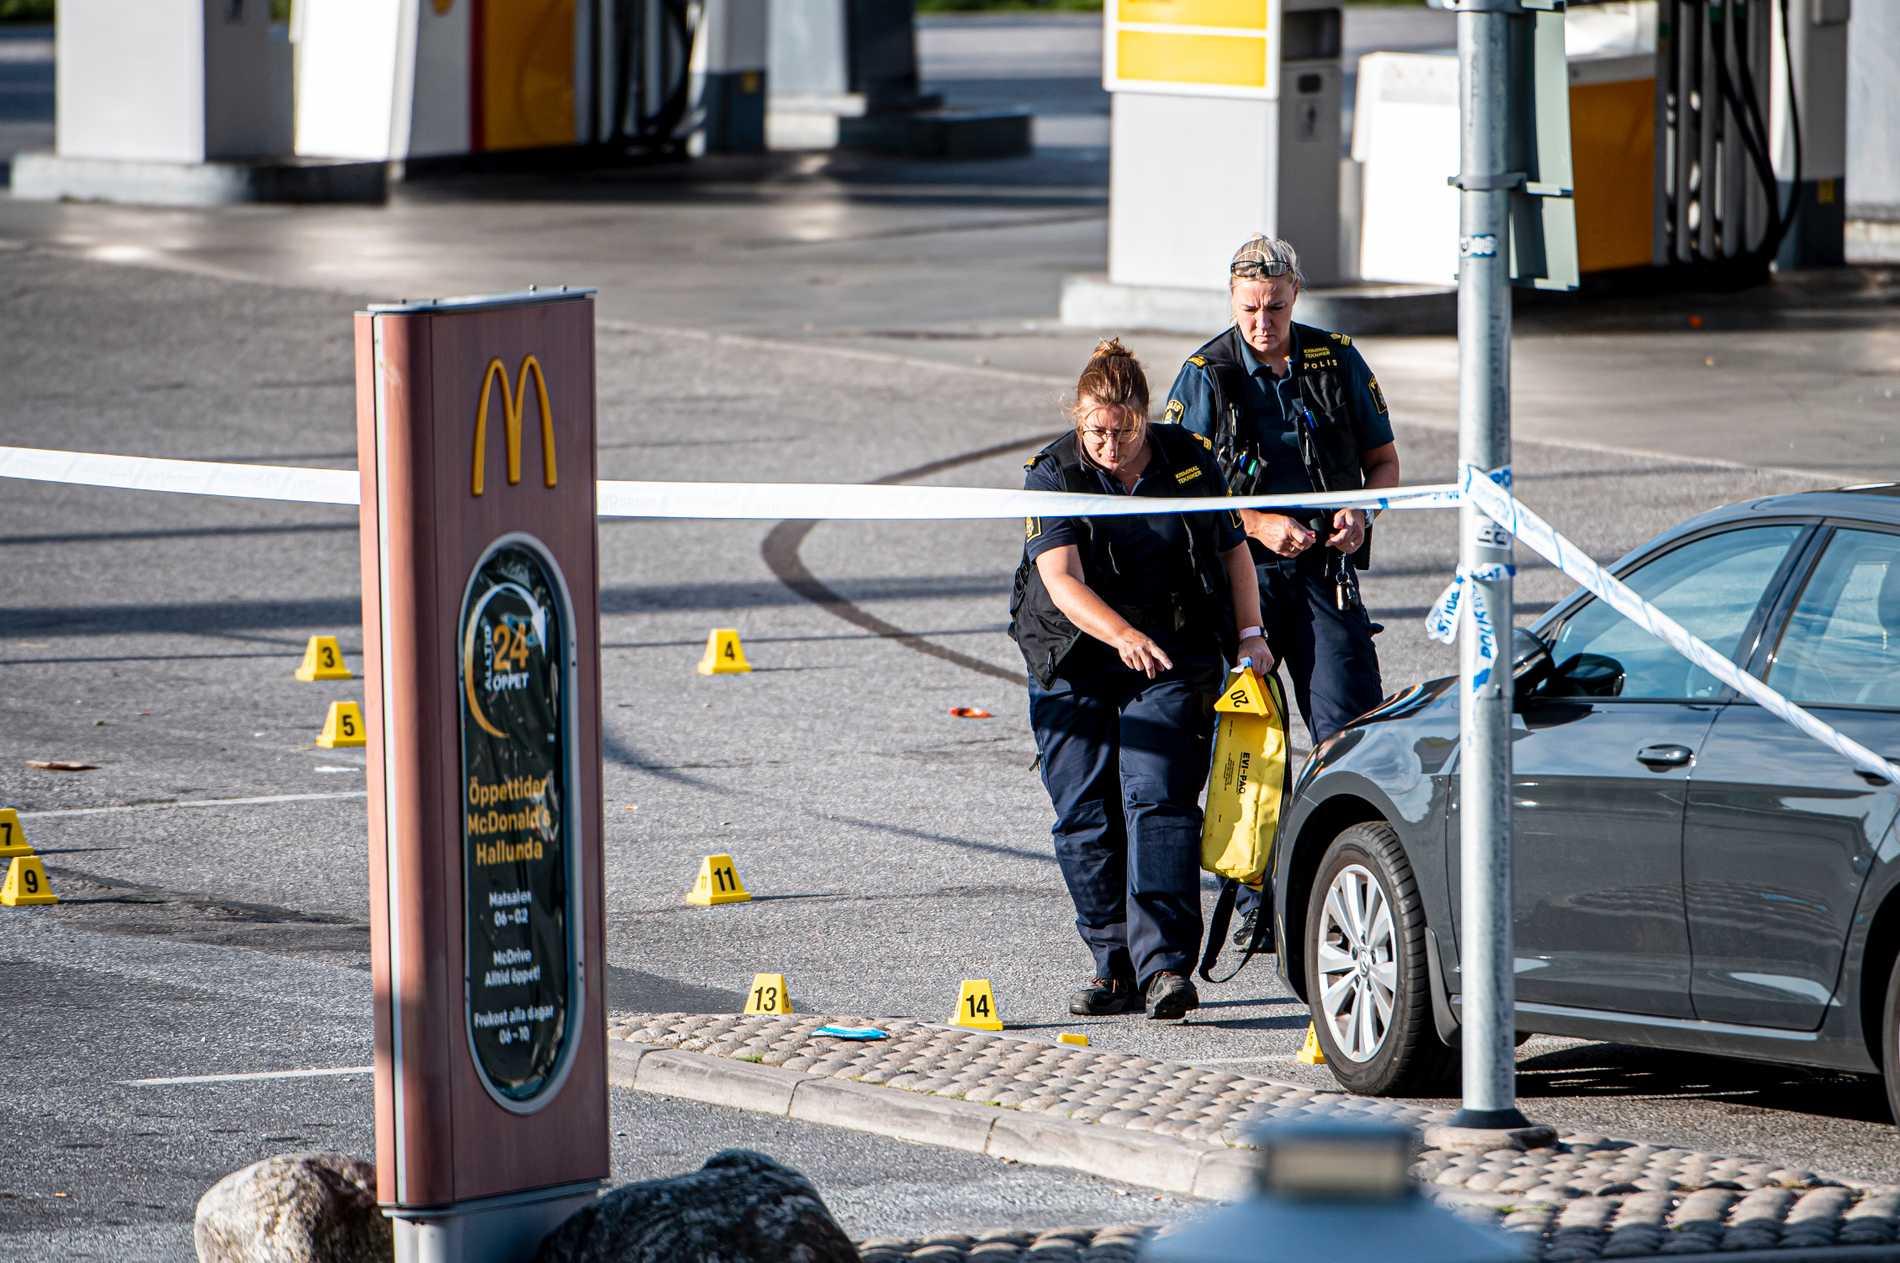 Polis säkrar spår vid bensinmacken där en 12-årig flicka blev skjuten.